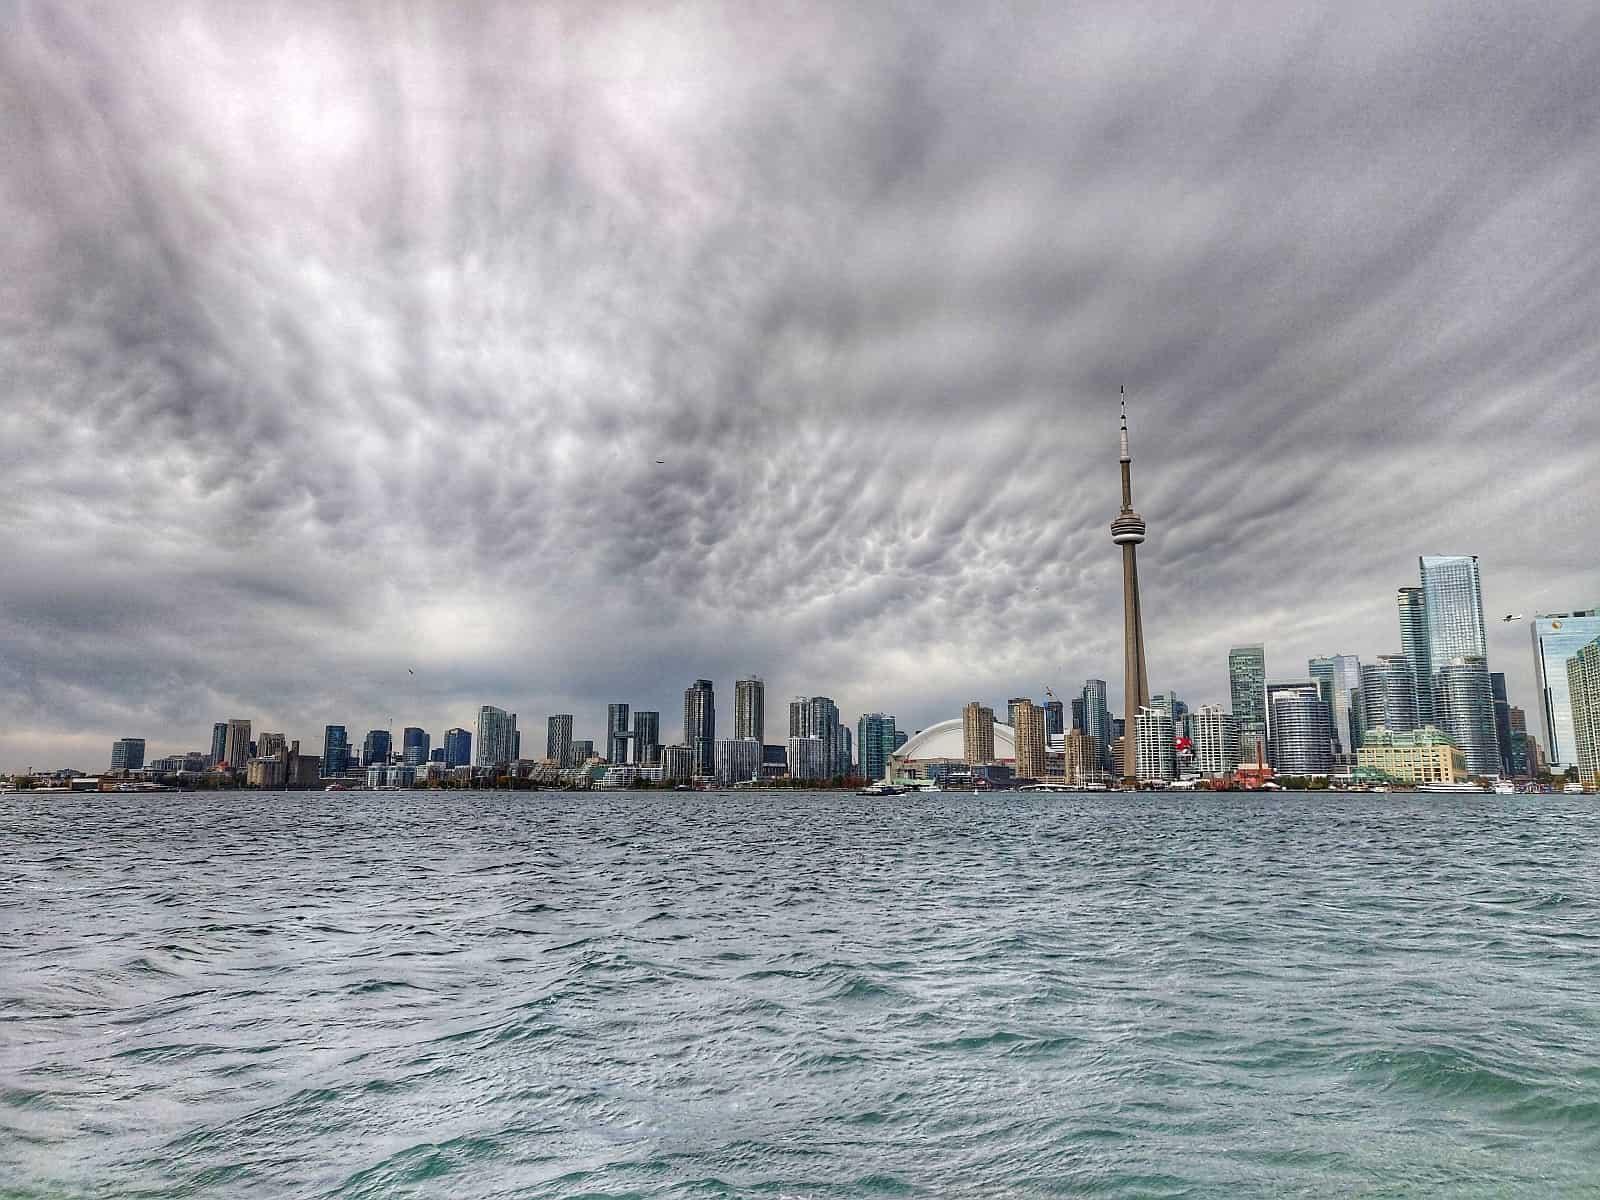 Blick auf die Skyline von Toronto mit dem CN Tower. Dort oben stürzen wir uns ins Abenteuer Edge Walk. Foto Faszination Kanada